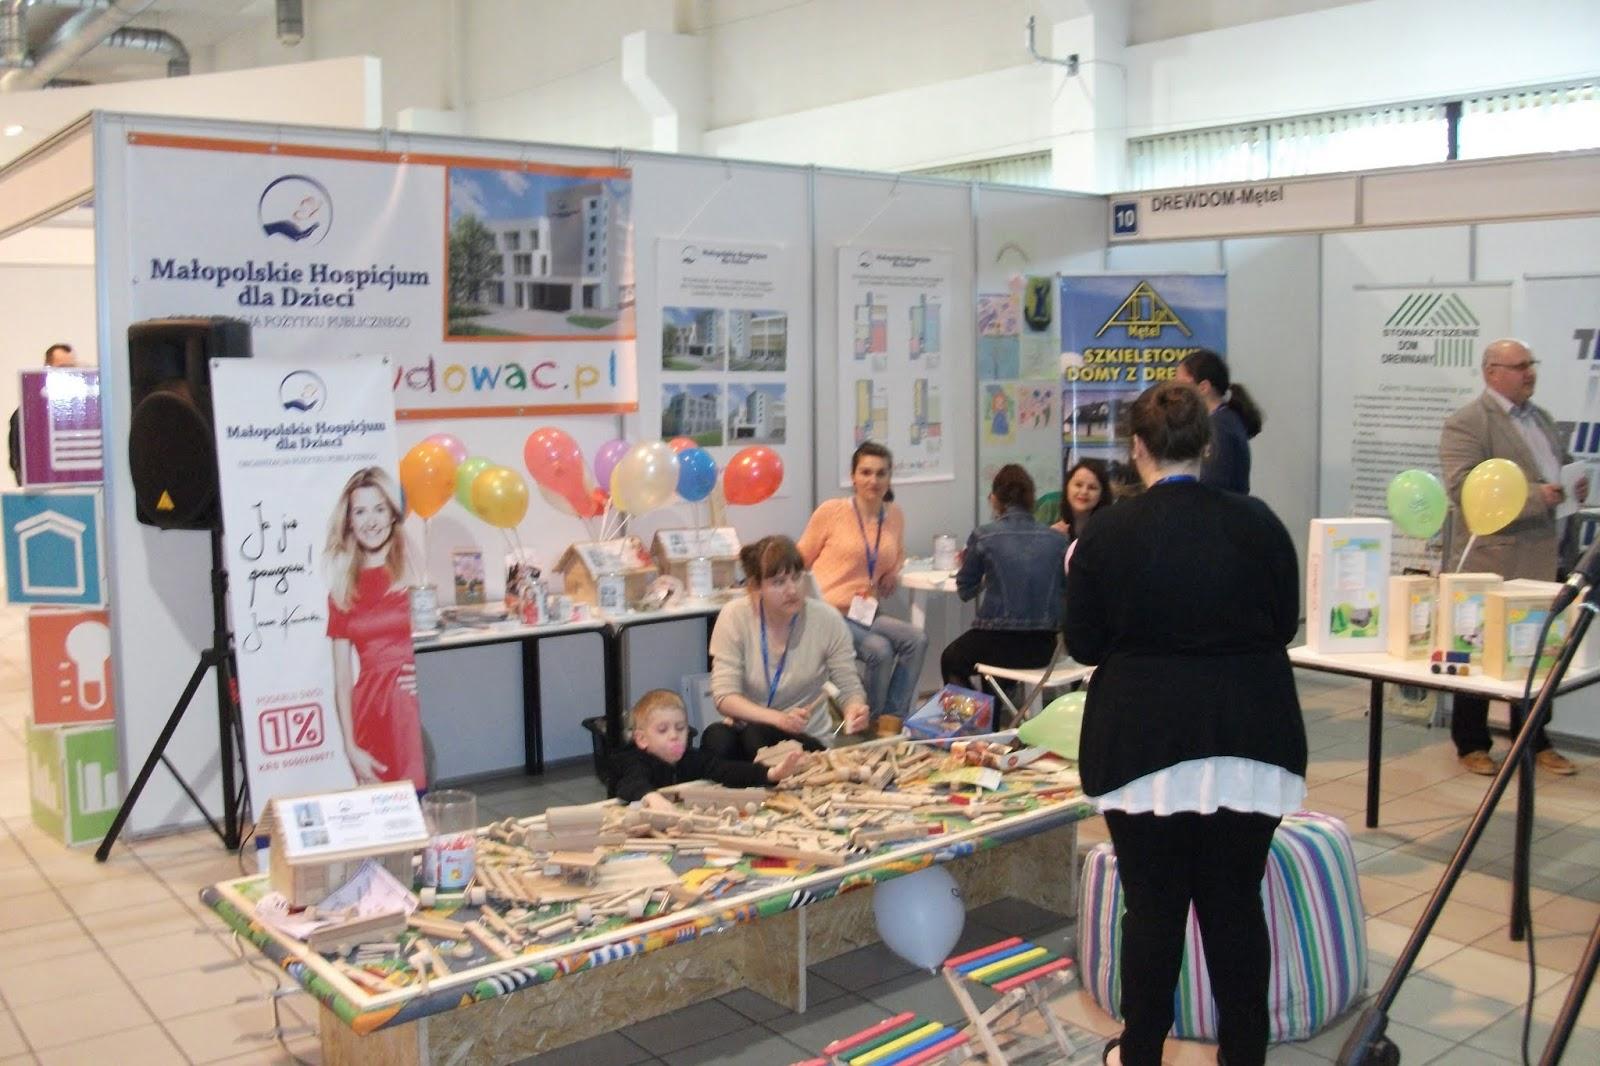 Aukcja drewnianego domu przekazanego przez firmę FPHU DREWDOM-Mętel odbyła się 21 kwietnia 2013 roku na 41. Krakowskich Targach Budownictwa w CT Chemobudowa Kraków s.a. Dom został zlicytowany za 59.000 zł, które przeznaczone zostały na rzecz budowy Centrum Opieki Wyręczającej MHD